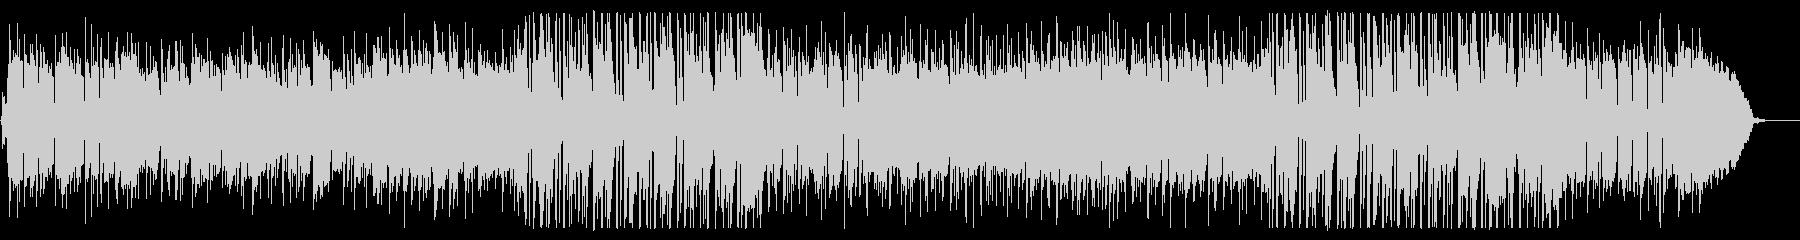 ハーモニカが奏でるフォーキーなポップスの未再生の波形